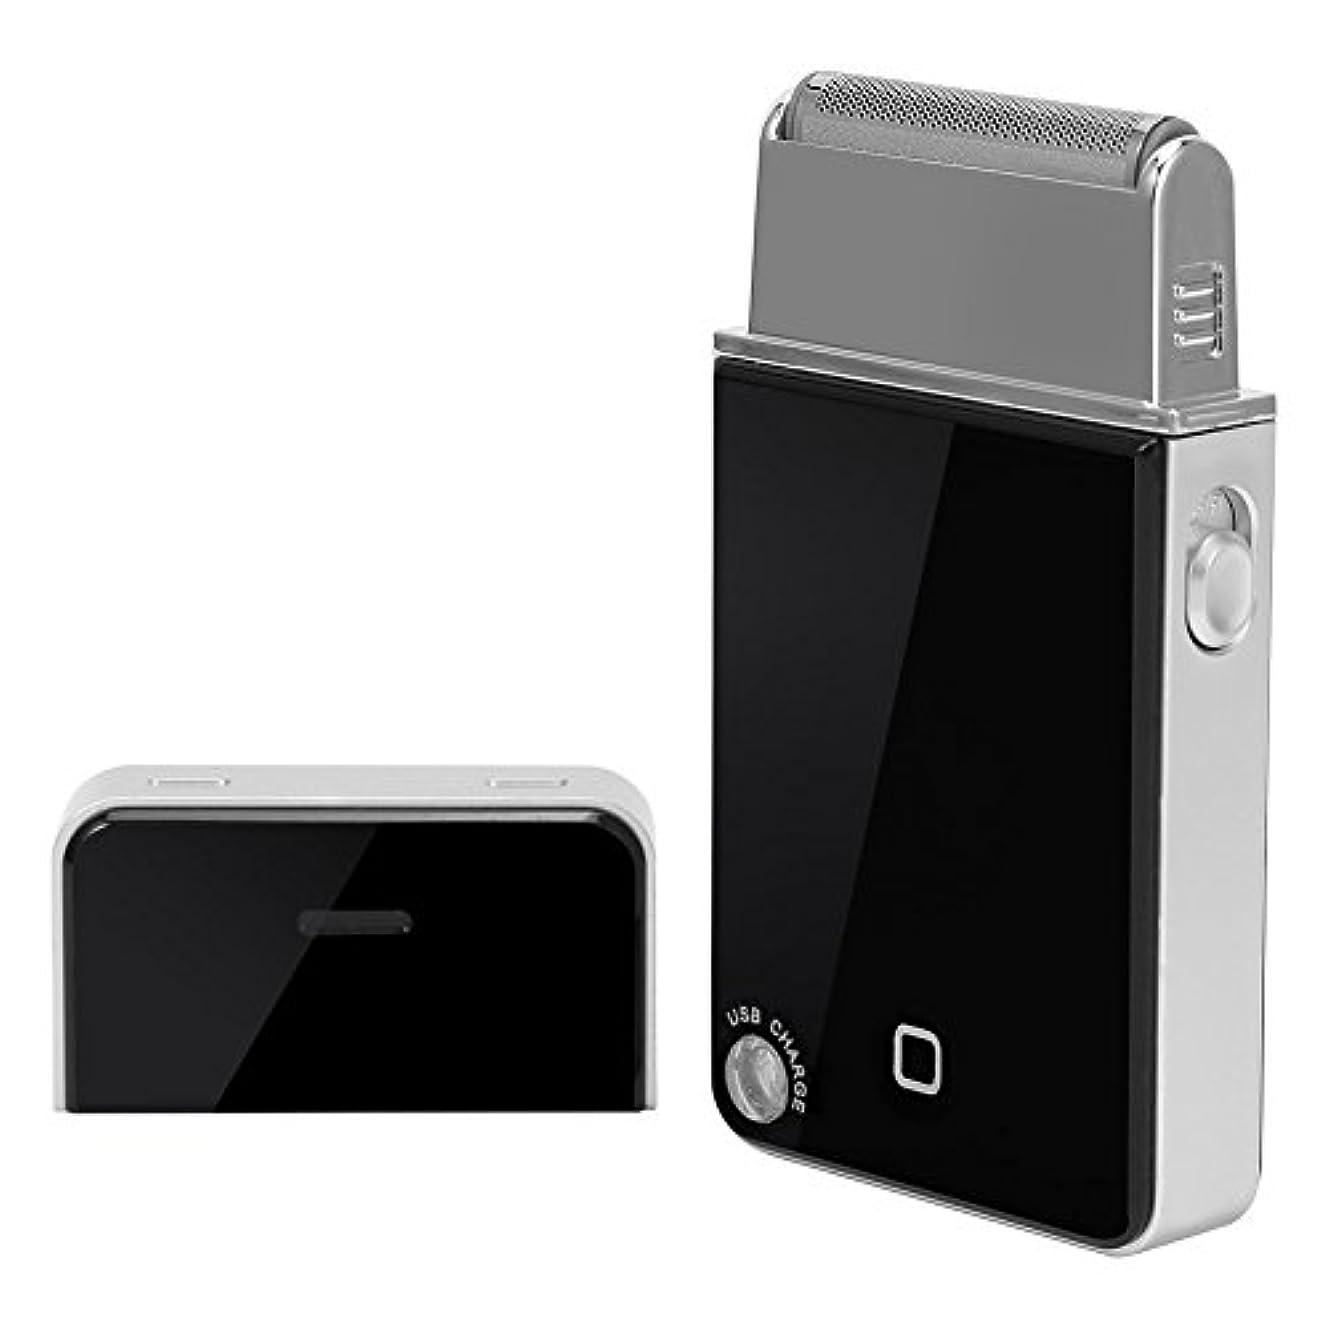 部分的に醸造所市民USB充電器付きメンズ電気シェーバー充電式洗える超薄型ウェットとドライシェーバーフェイスシェーバー電気カミソリピストン